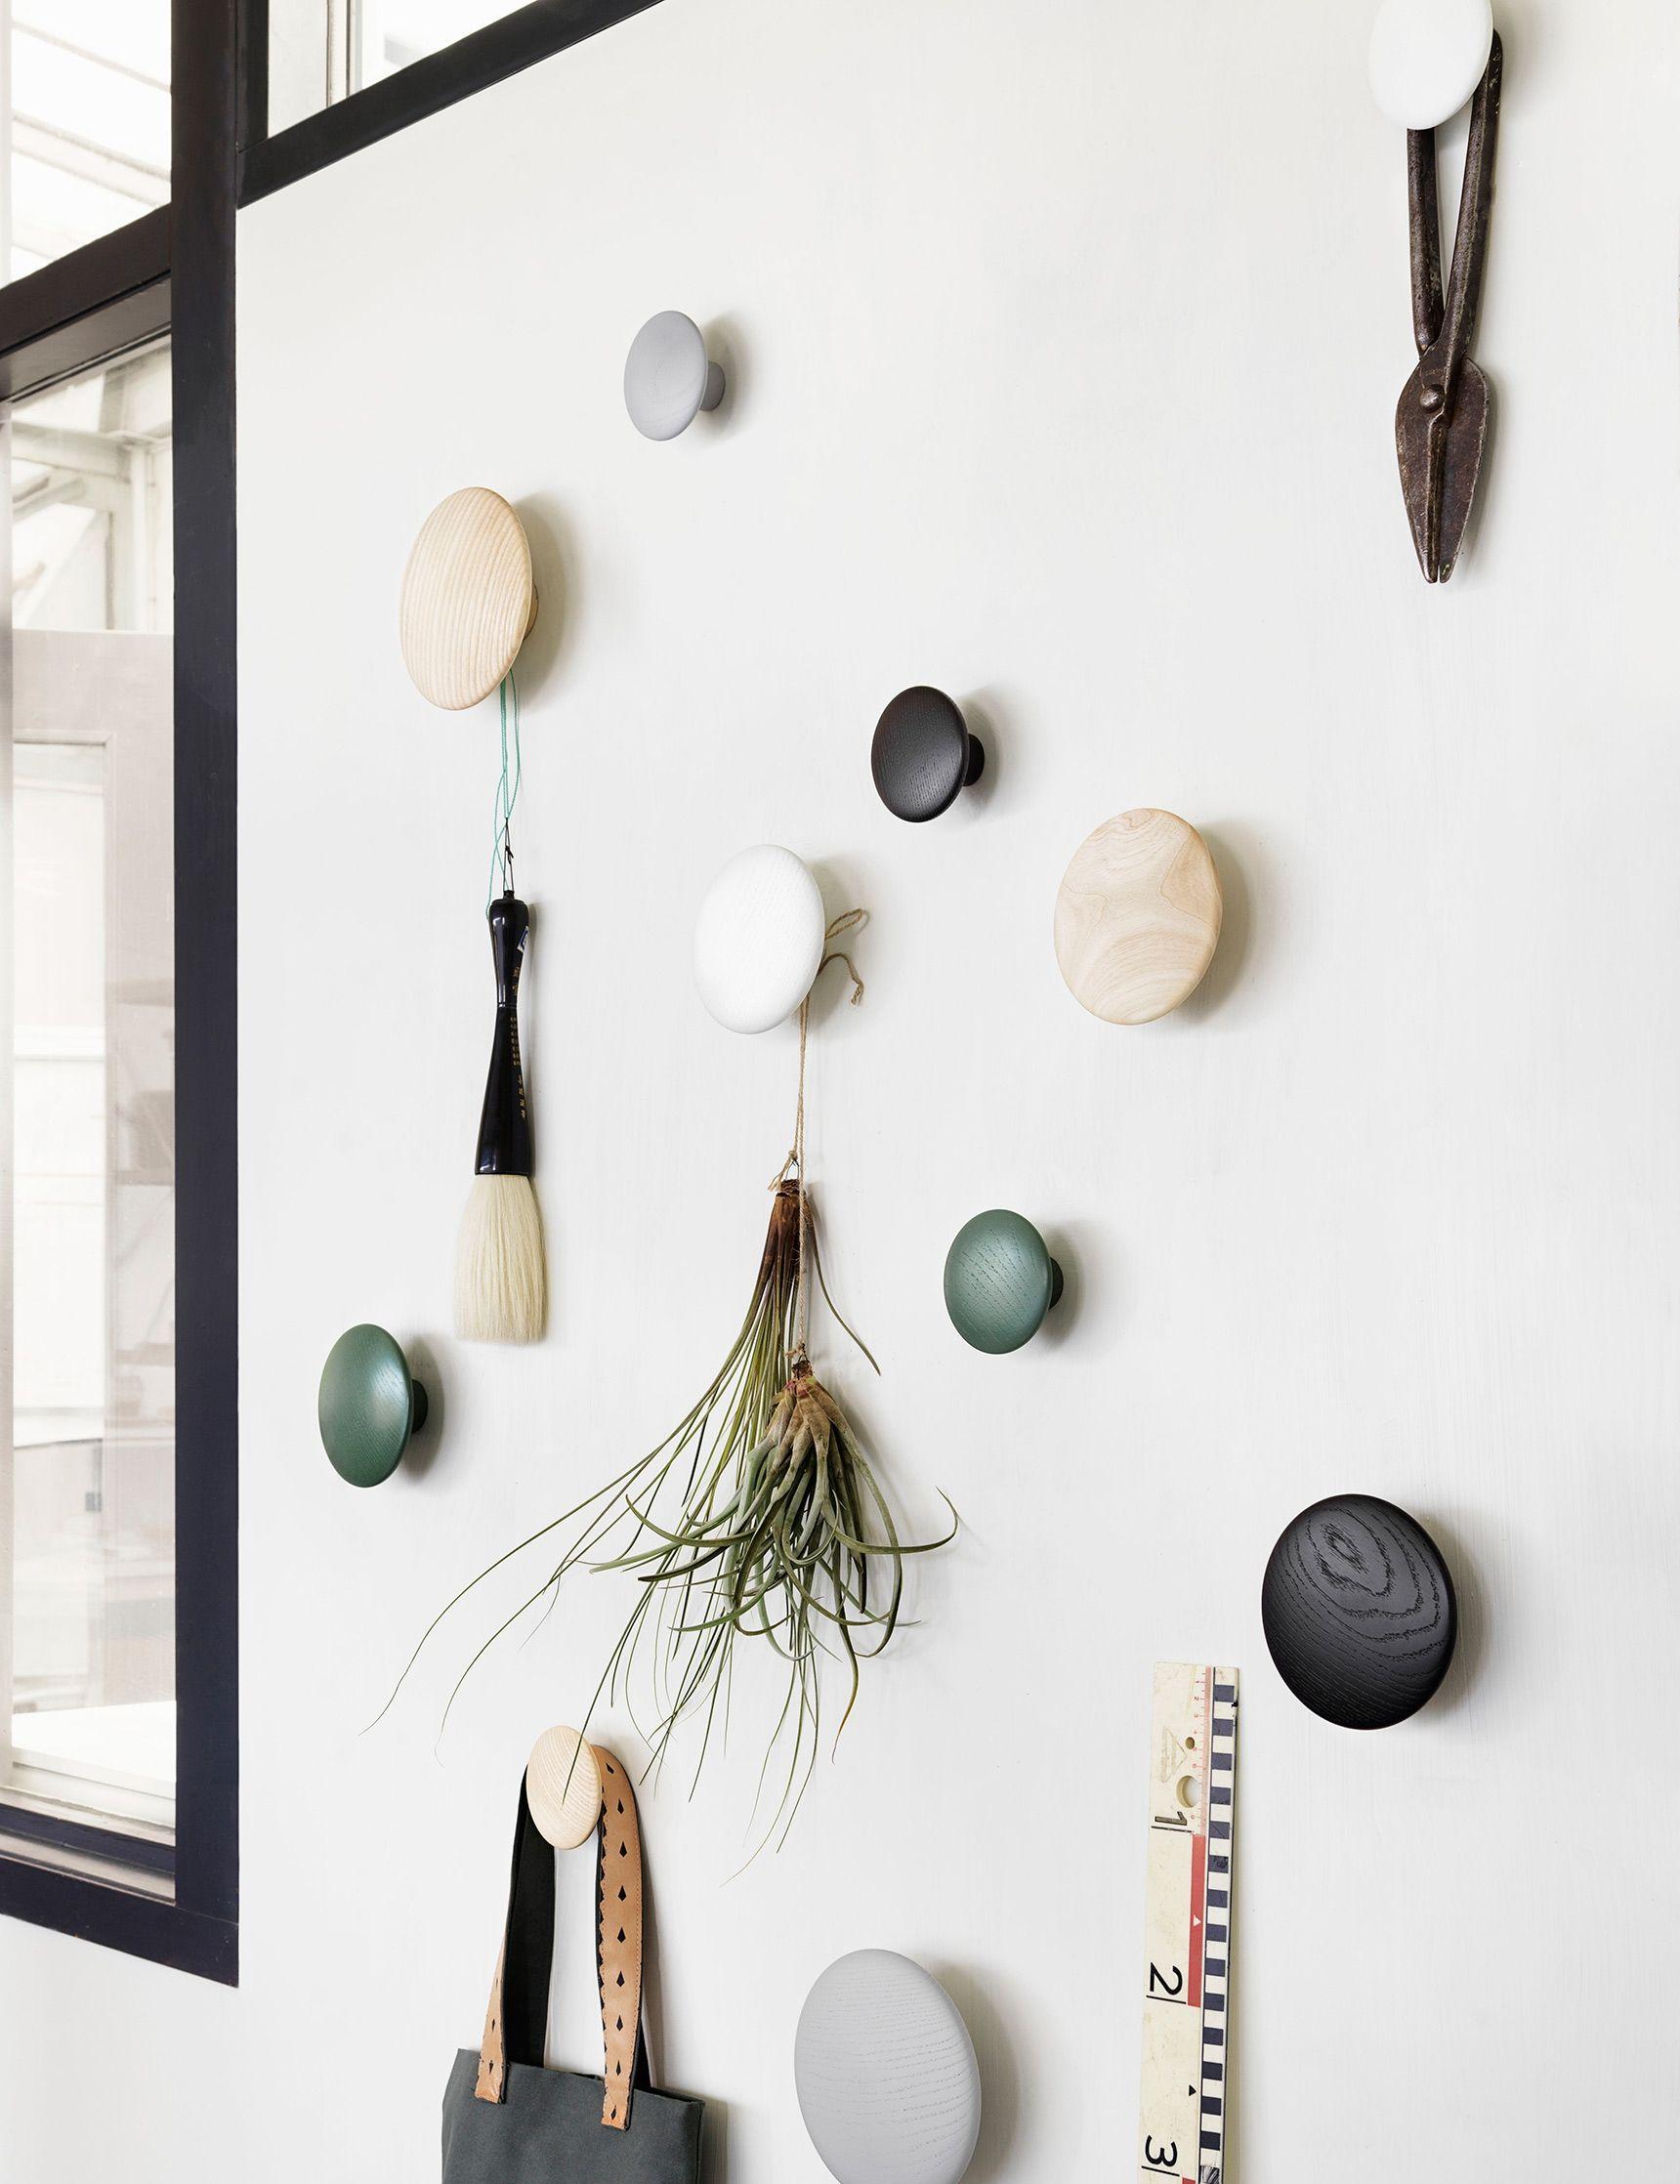 Charmant Dots Muuto   Versions Bois Et Métal Meuble Interieur, Patère Design, Patere  Bois,